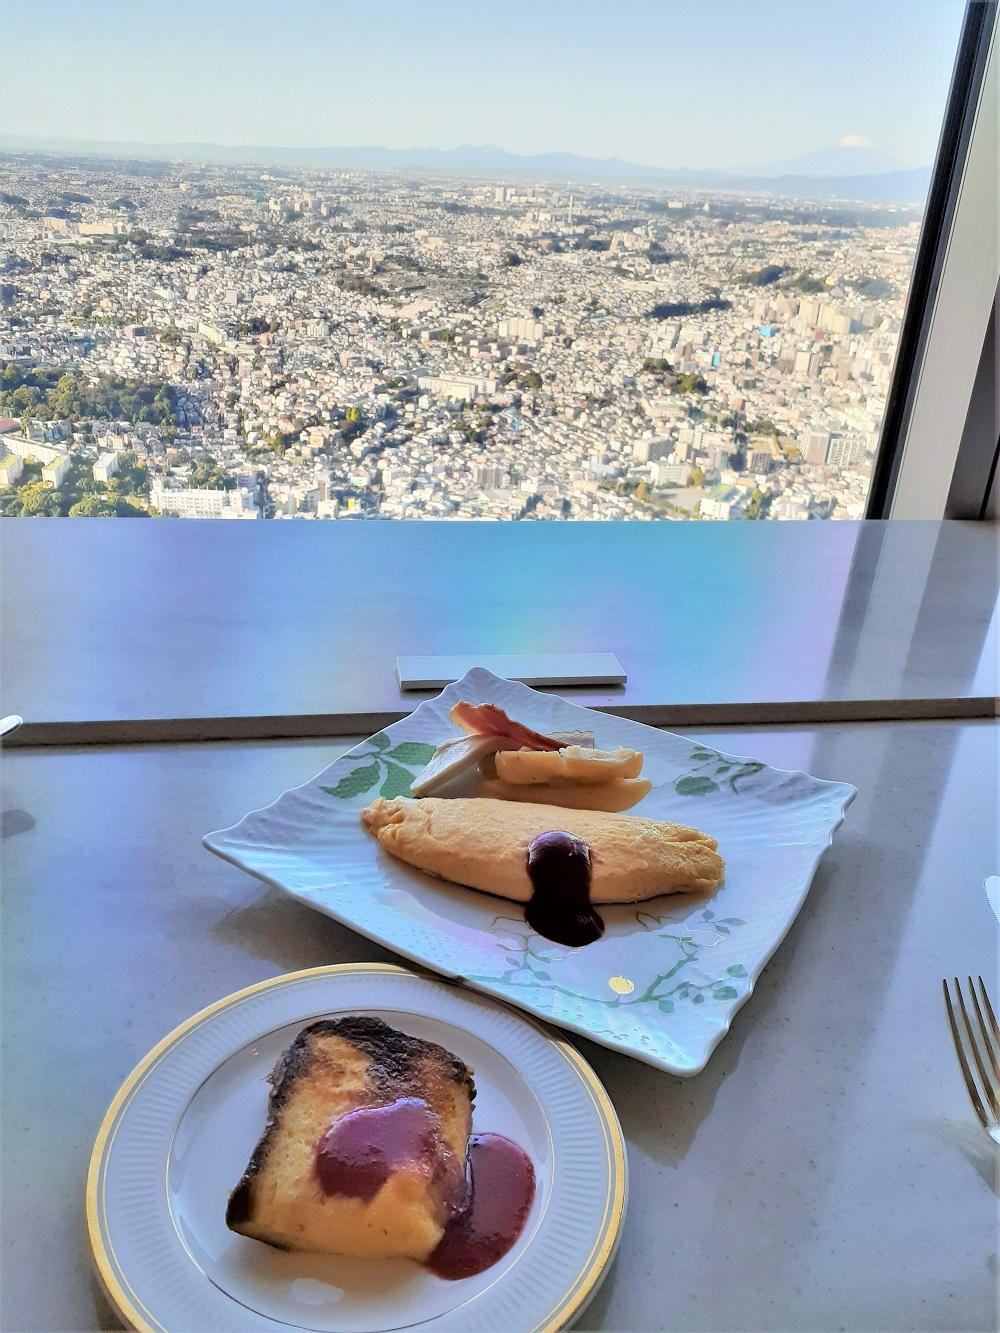 フレンチトーストとオムレツが最高!クラブラウンジの朝食